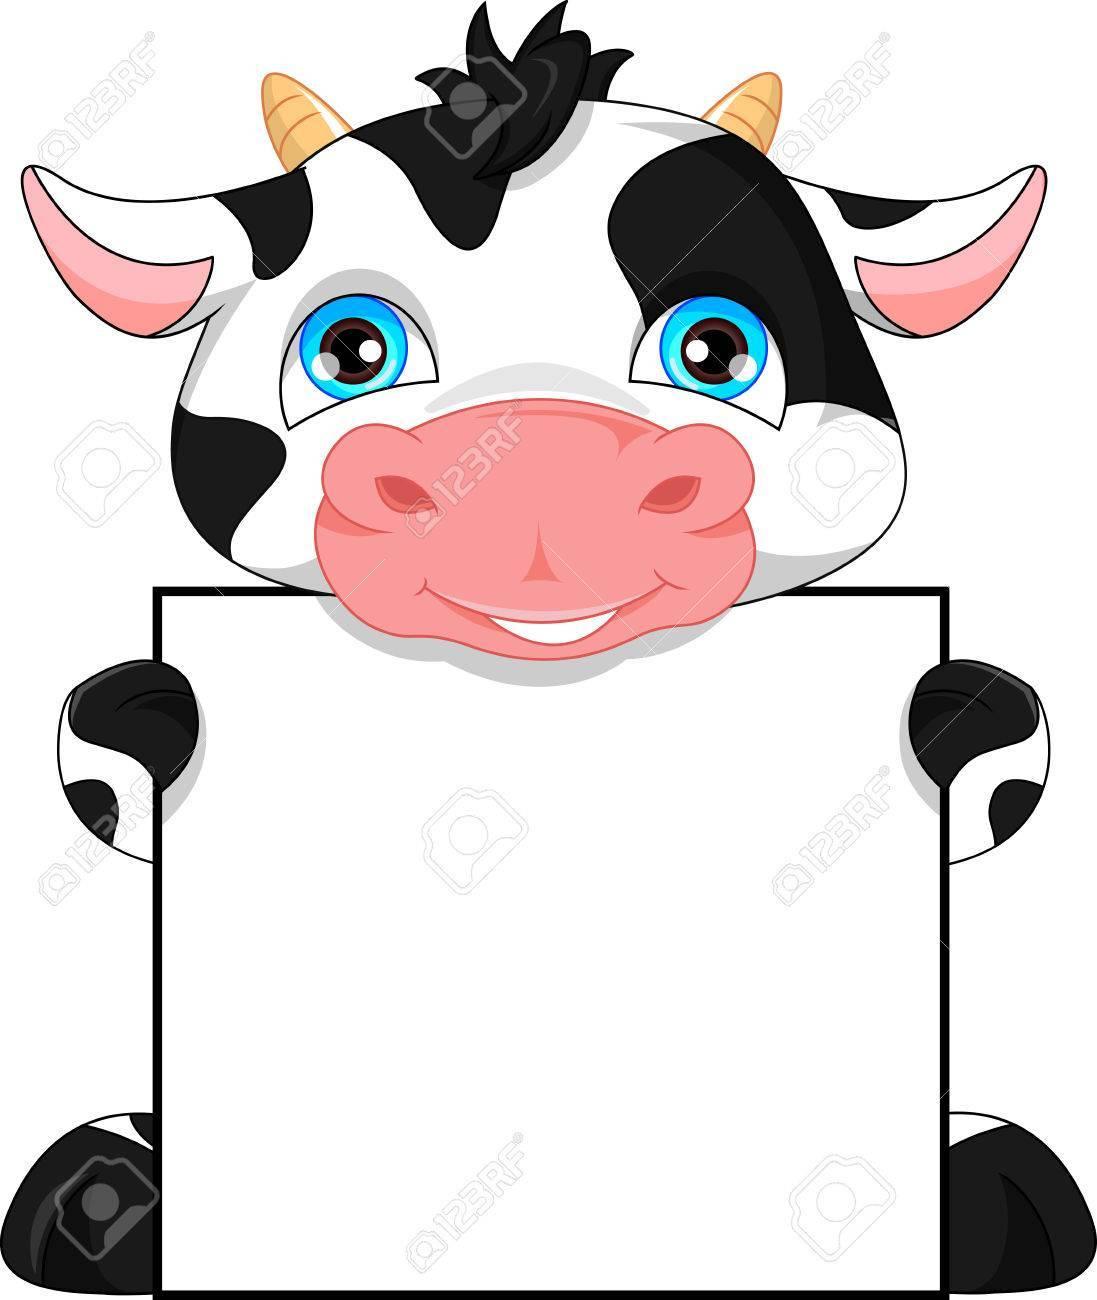 Cute baby cow clipart 4 » Clipart Portal.